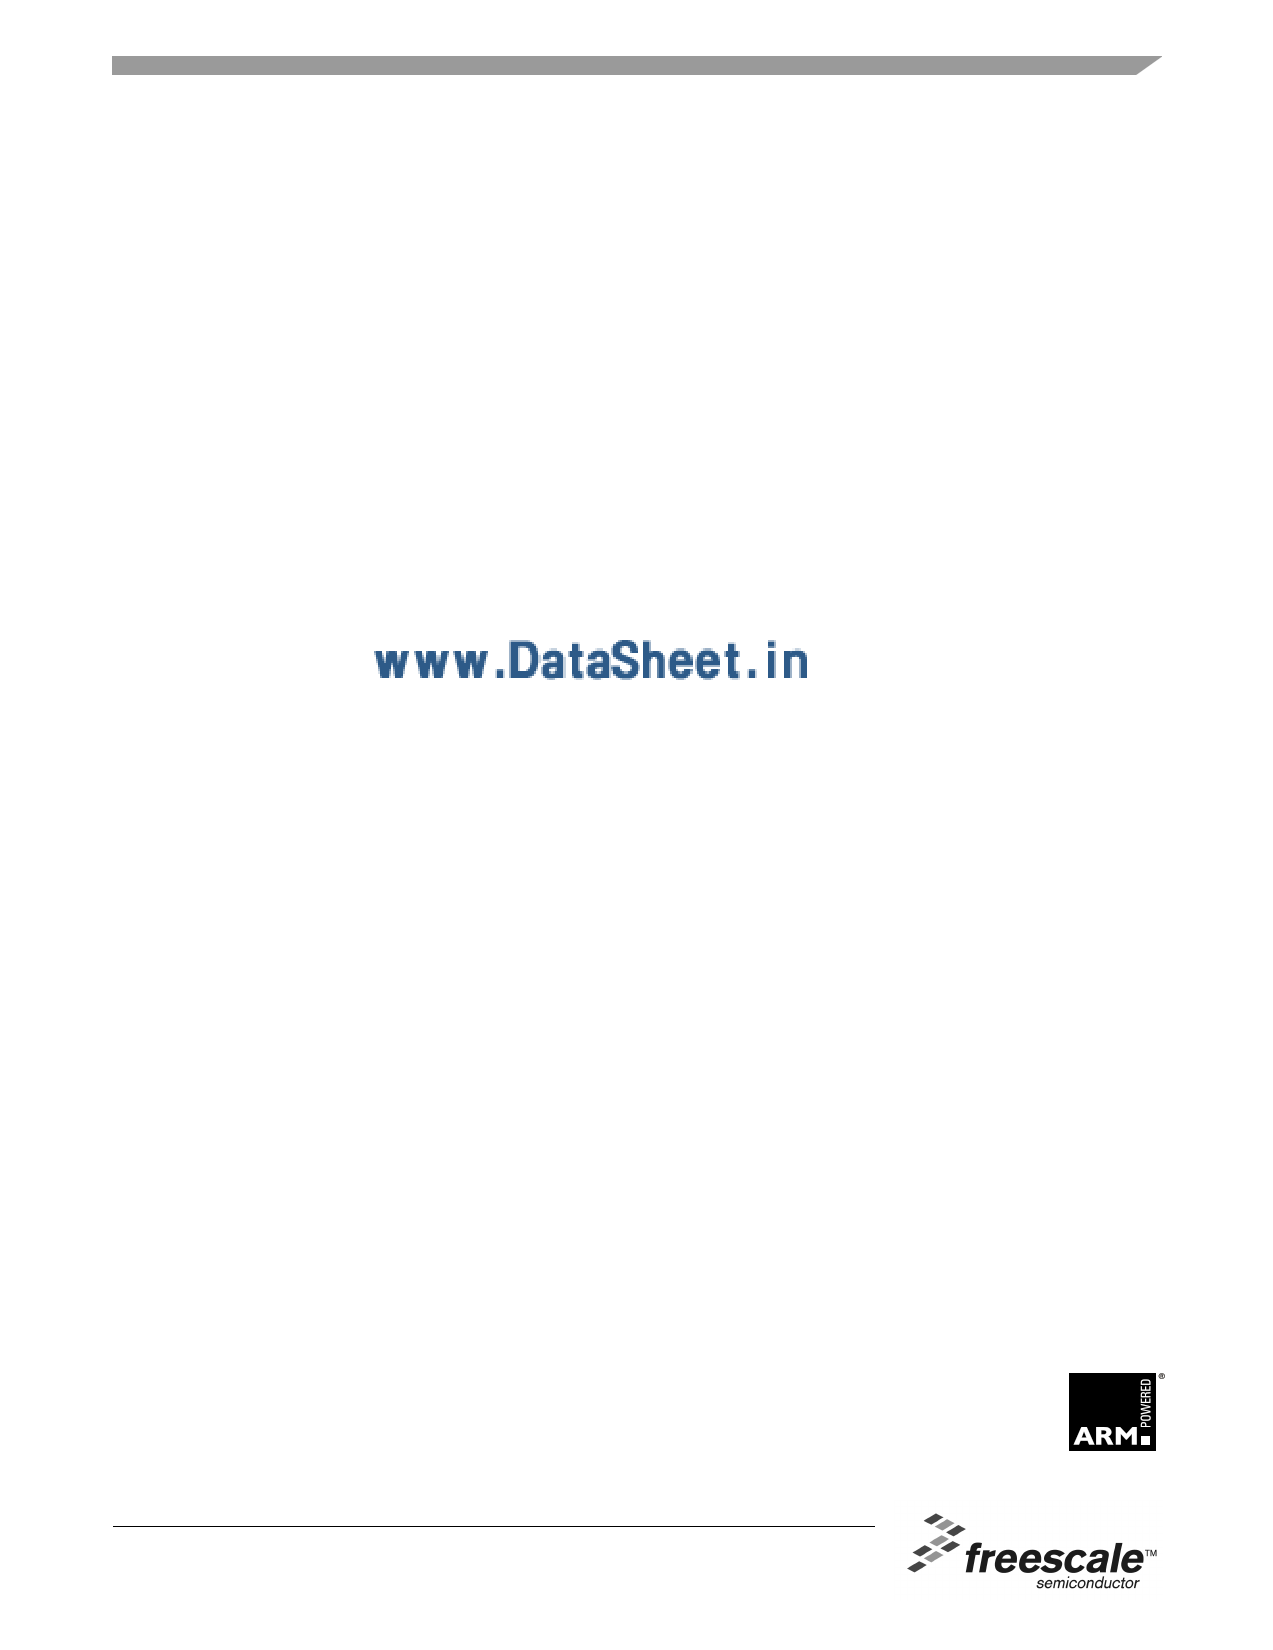 I.MX31 datasheet